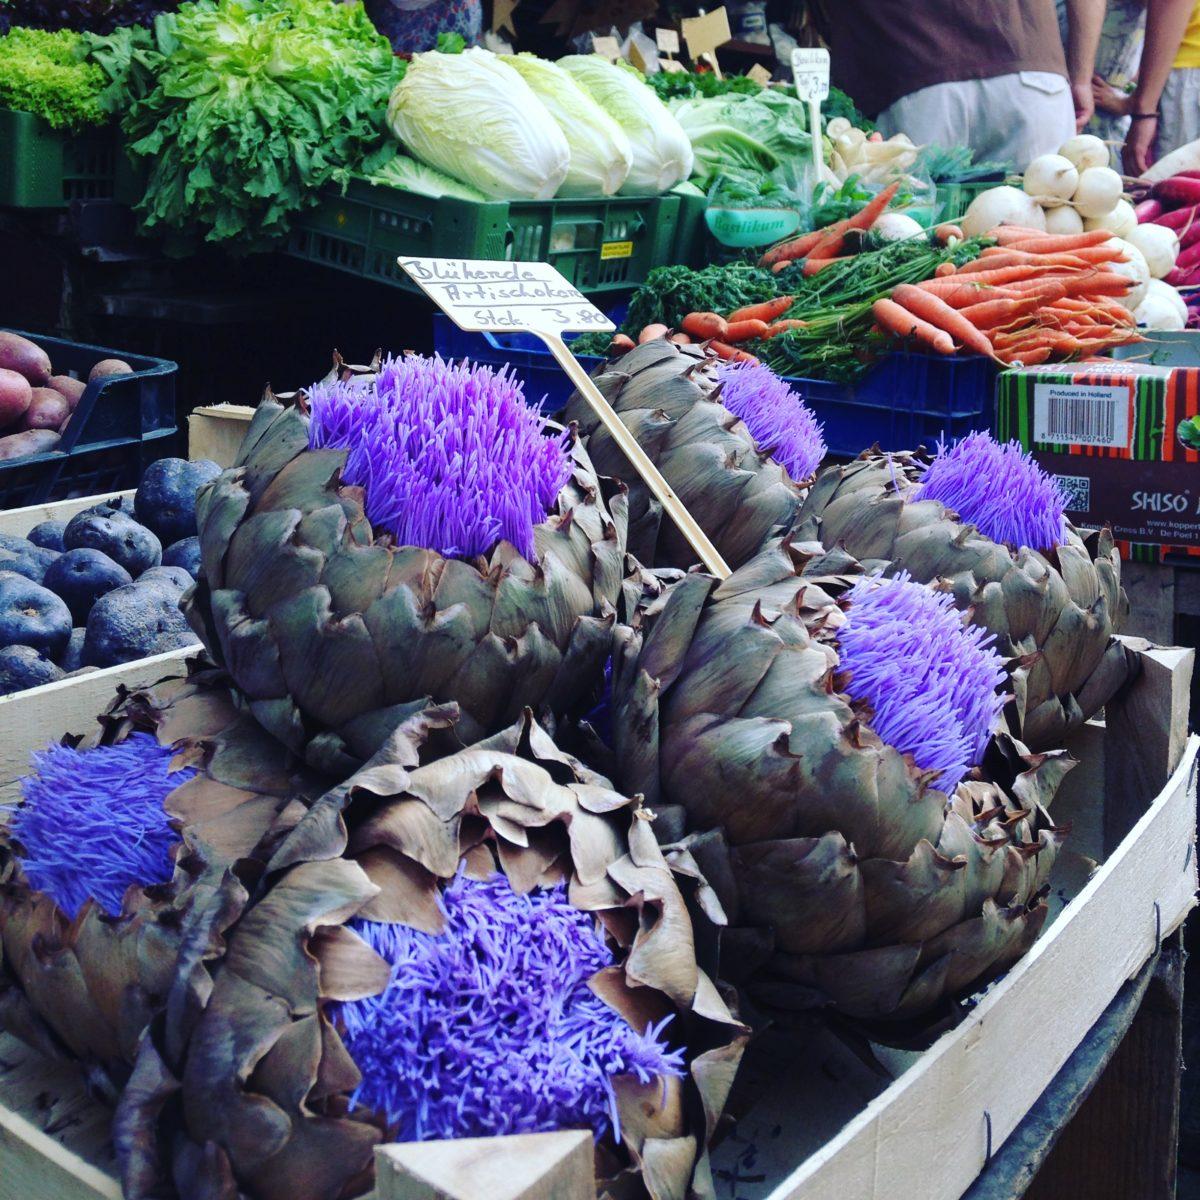 Stadtmarkt Augsburg – ein kleines Paradies voll frischer Lebensmittel